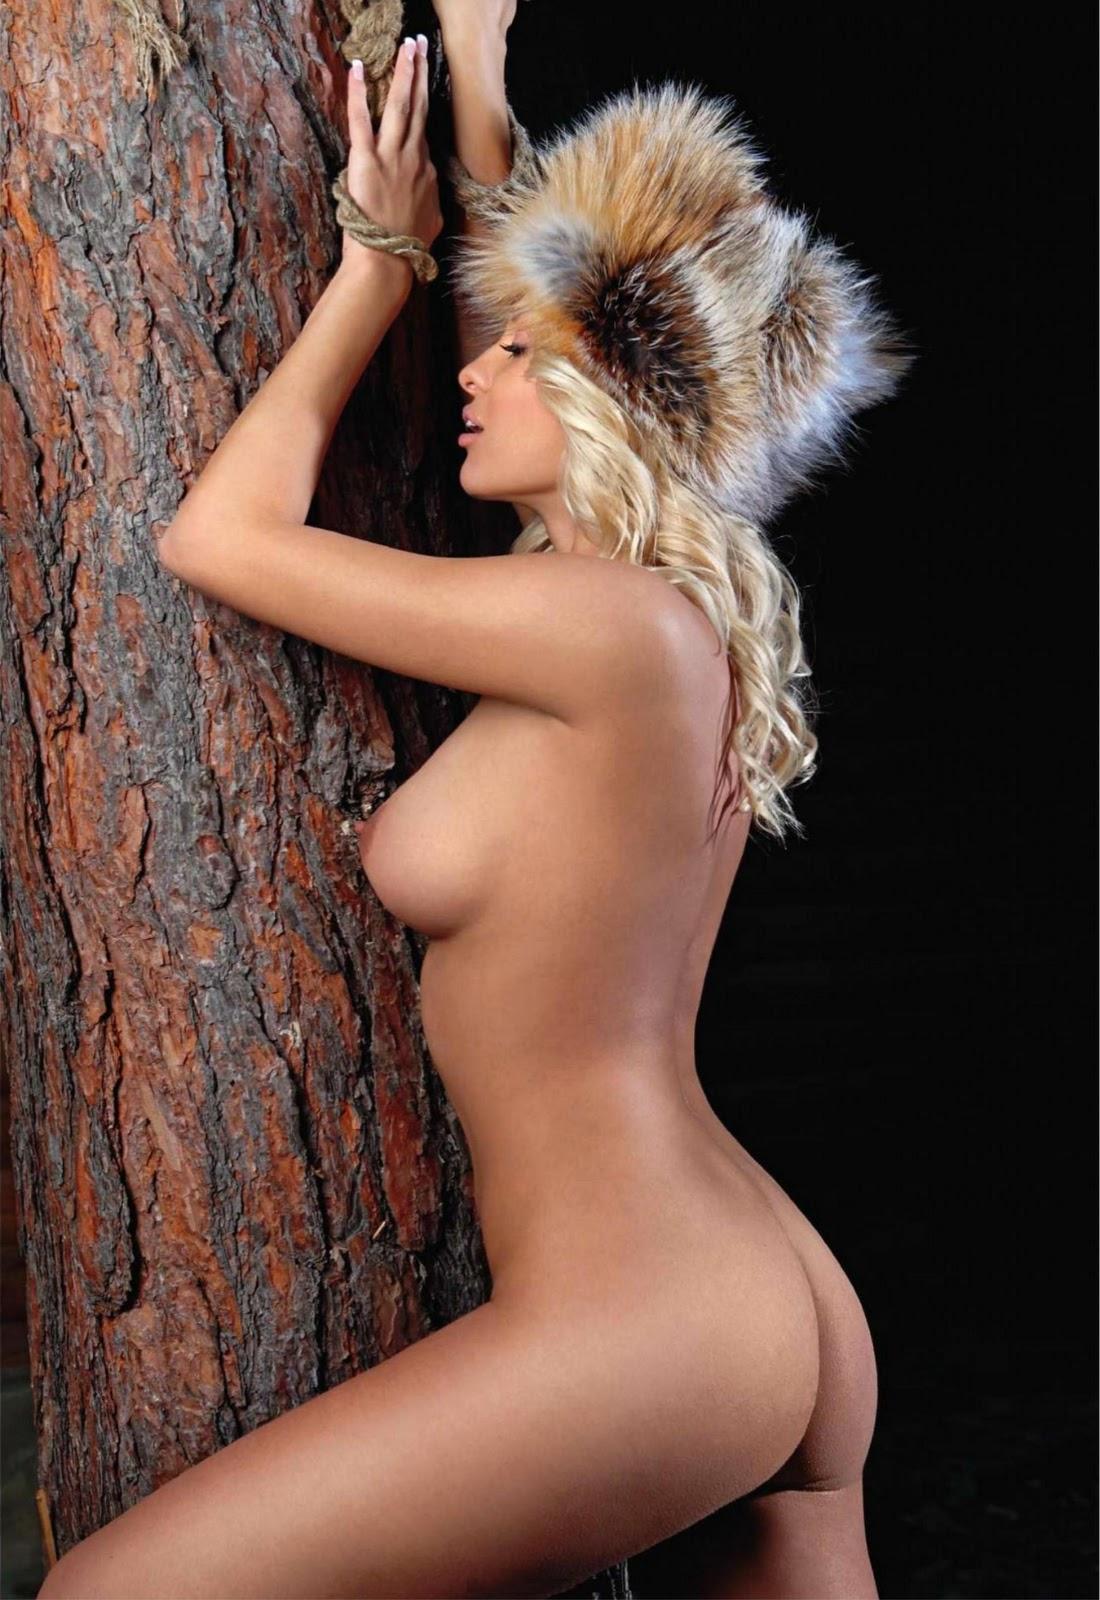 torrie wilson porn pics